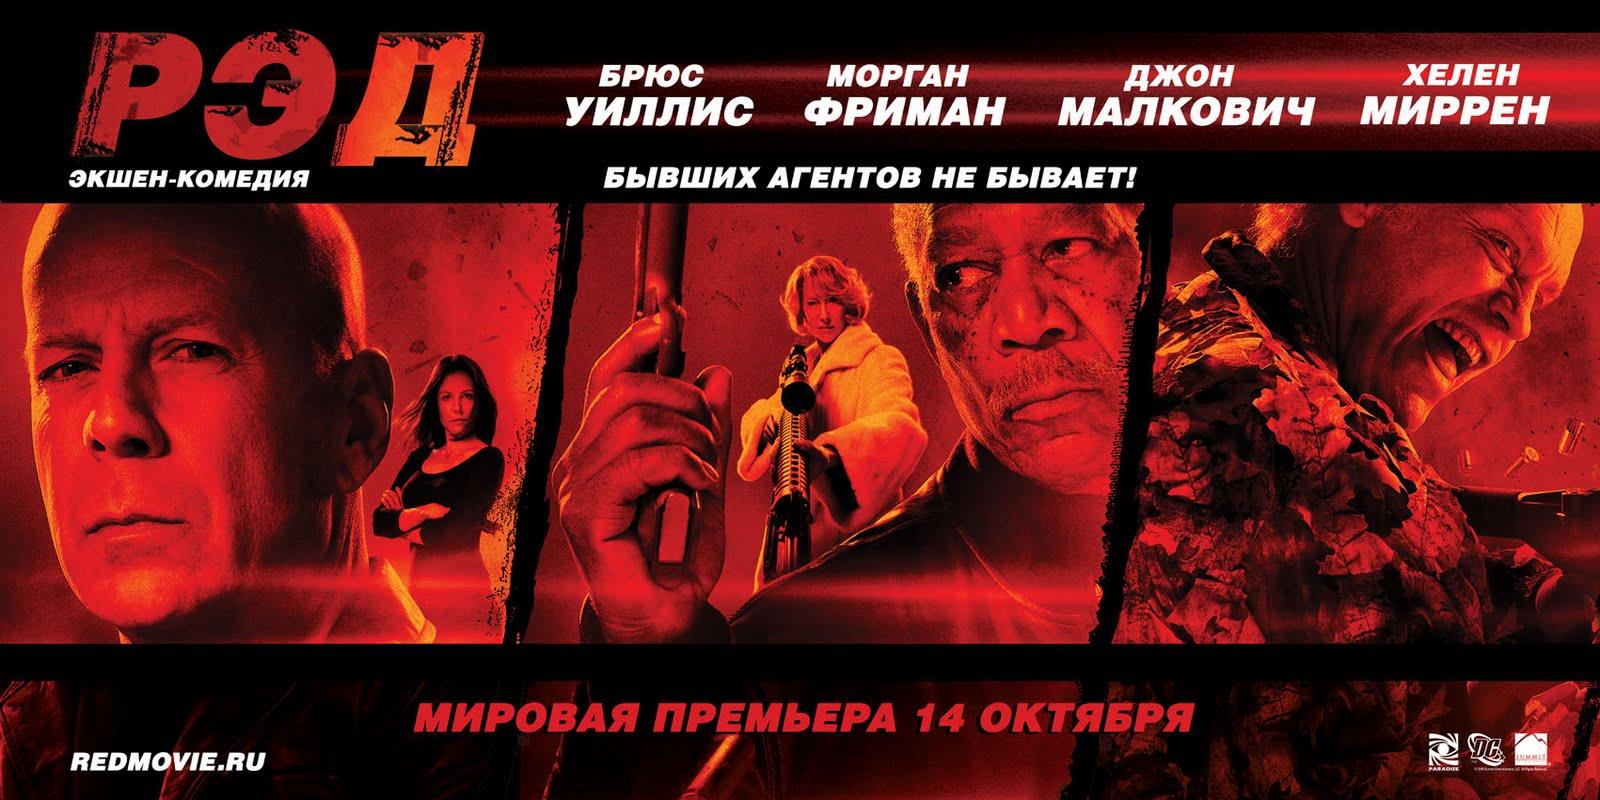 http://4.bp.blogspot.com/_sXAQ-6J-MXM/TGZNumMh7PI/AAAAAAAAACM/8GCunGHzWK8/s1600/Red+banner+Poster.jpg